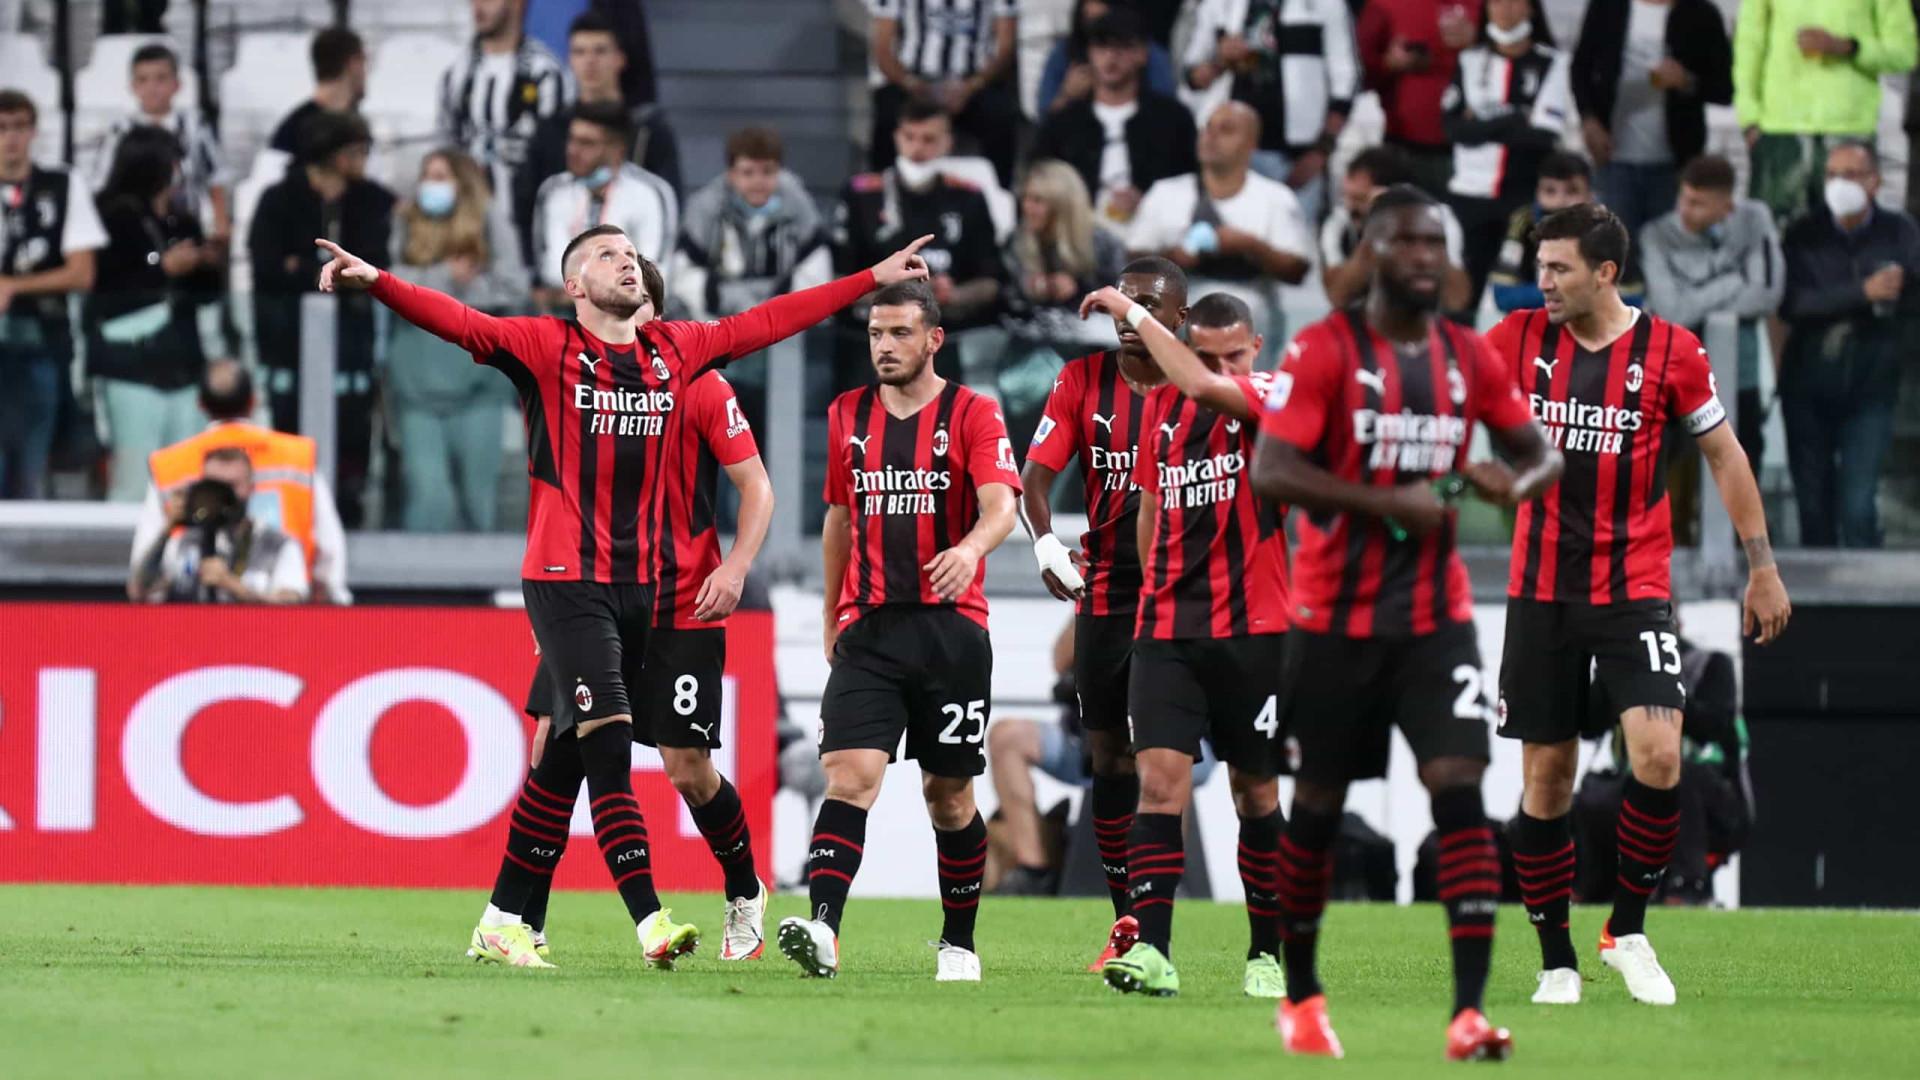 Milan busca empate em clássico, segue invicto e mantém jejum da Juventus